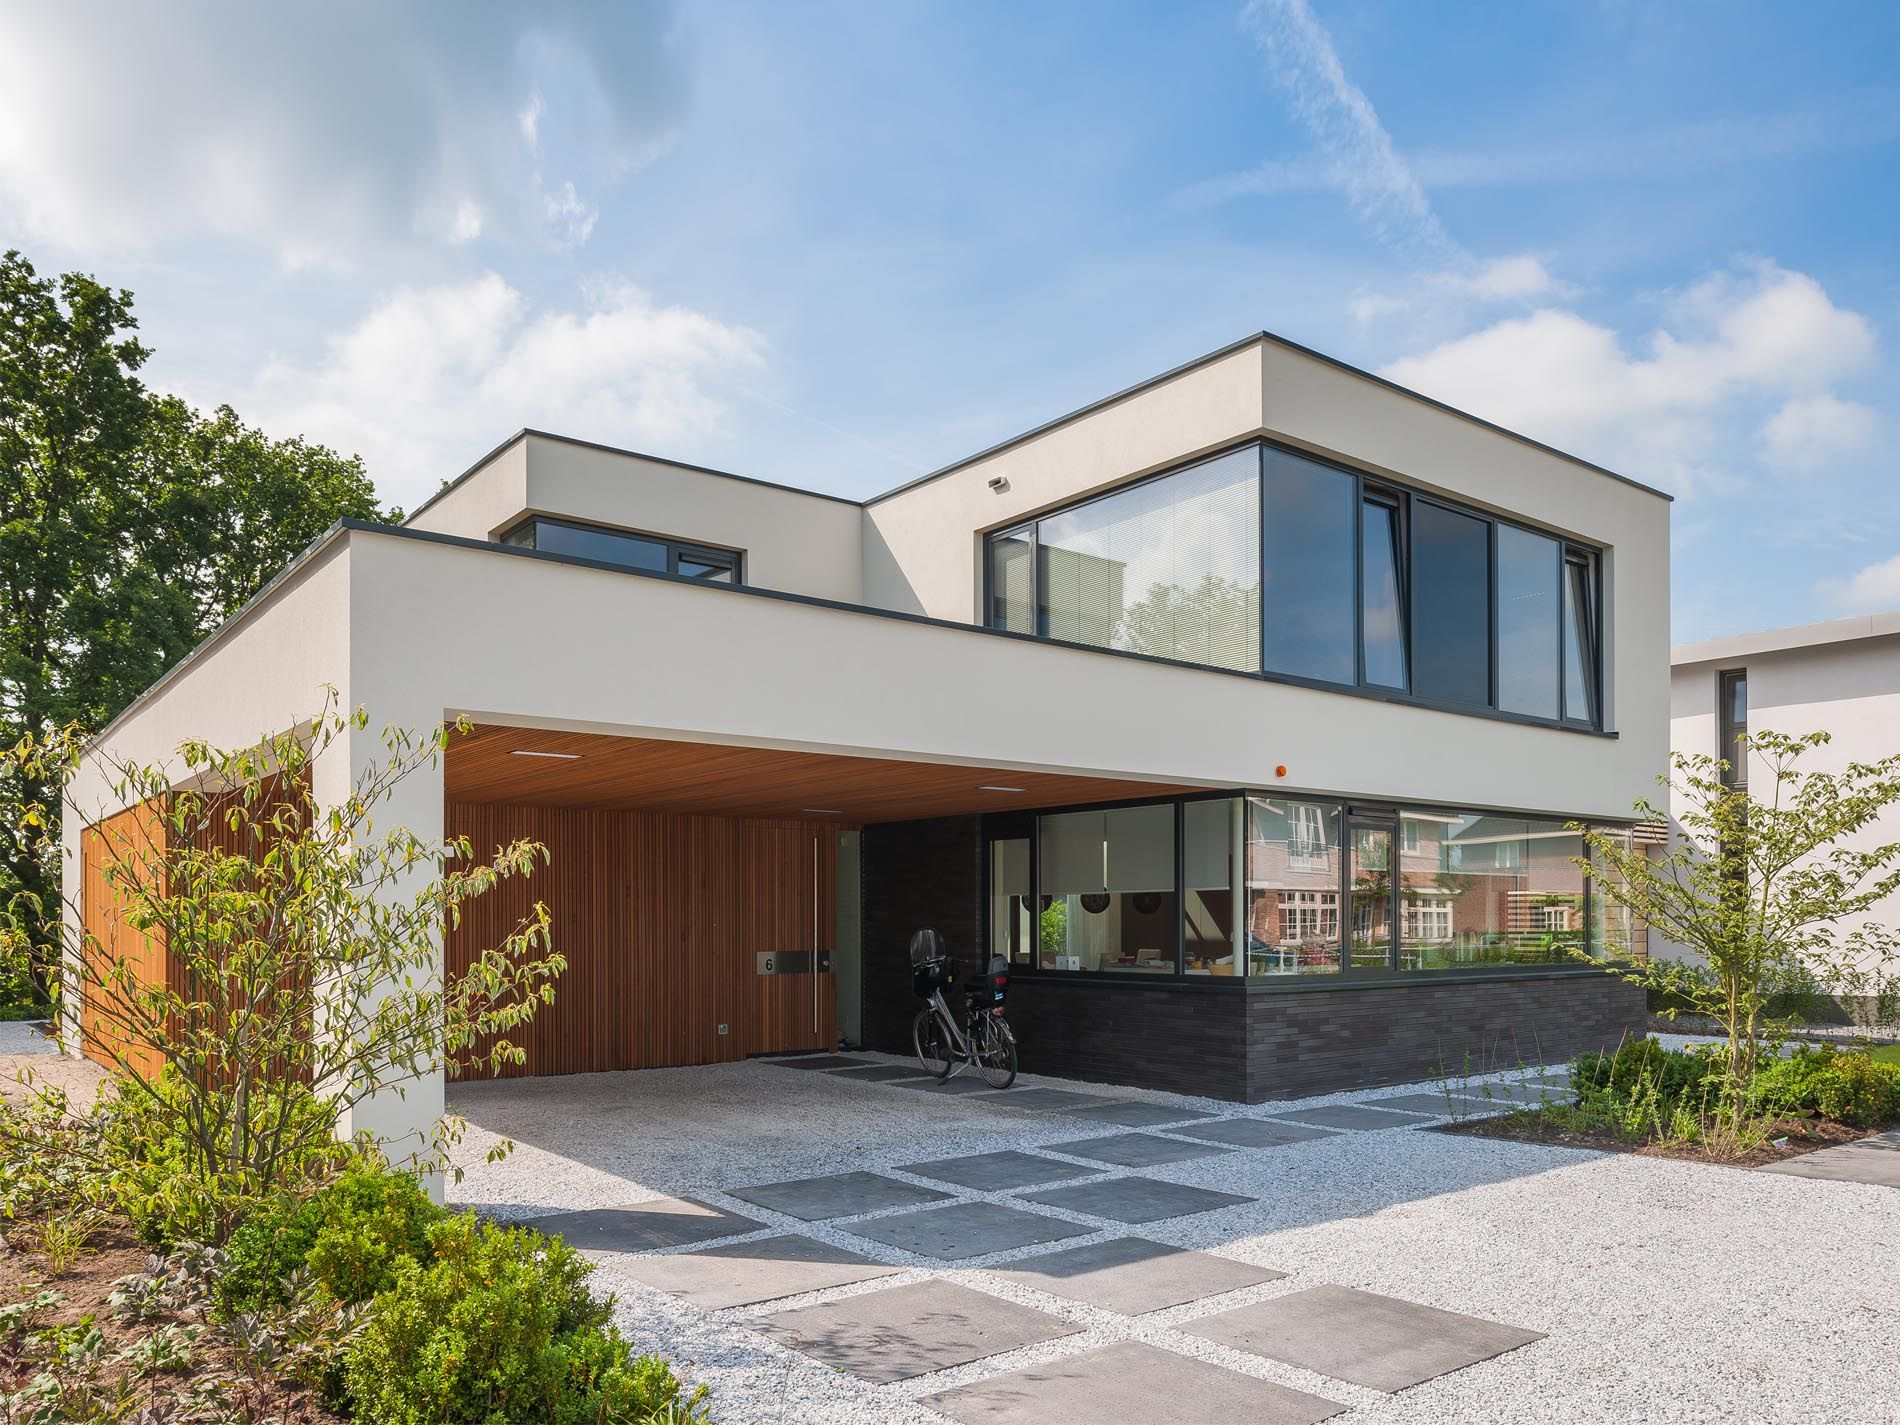 Pin von Camelia auf Architecture | Pinterest | Architektur, Moderne ...